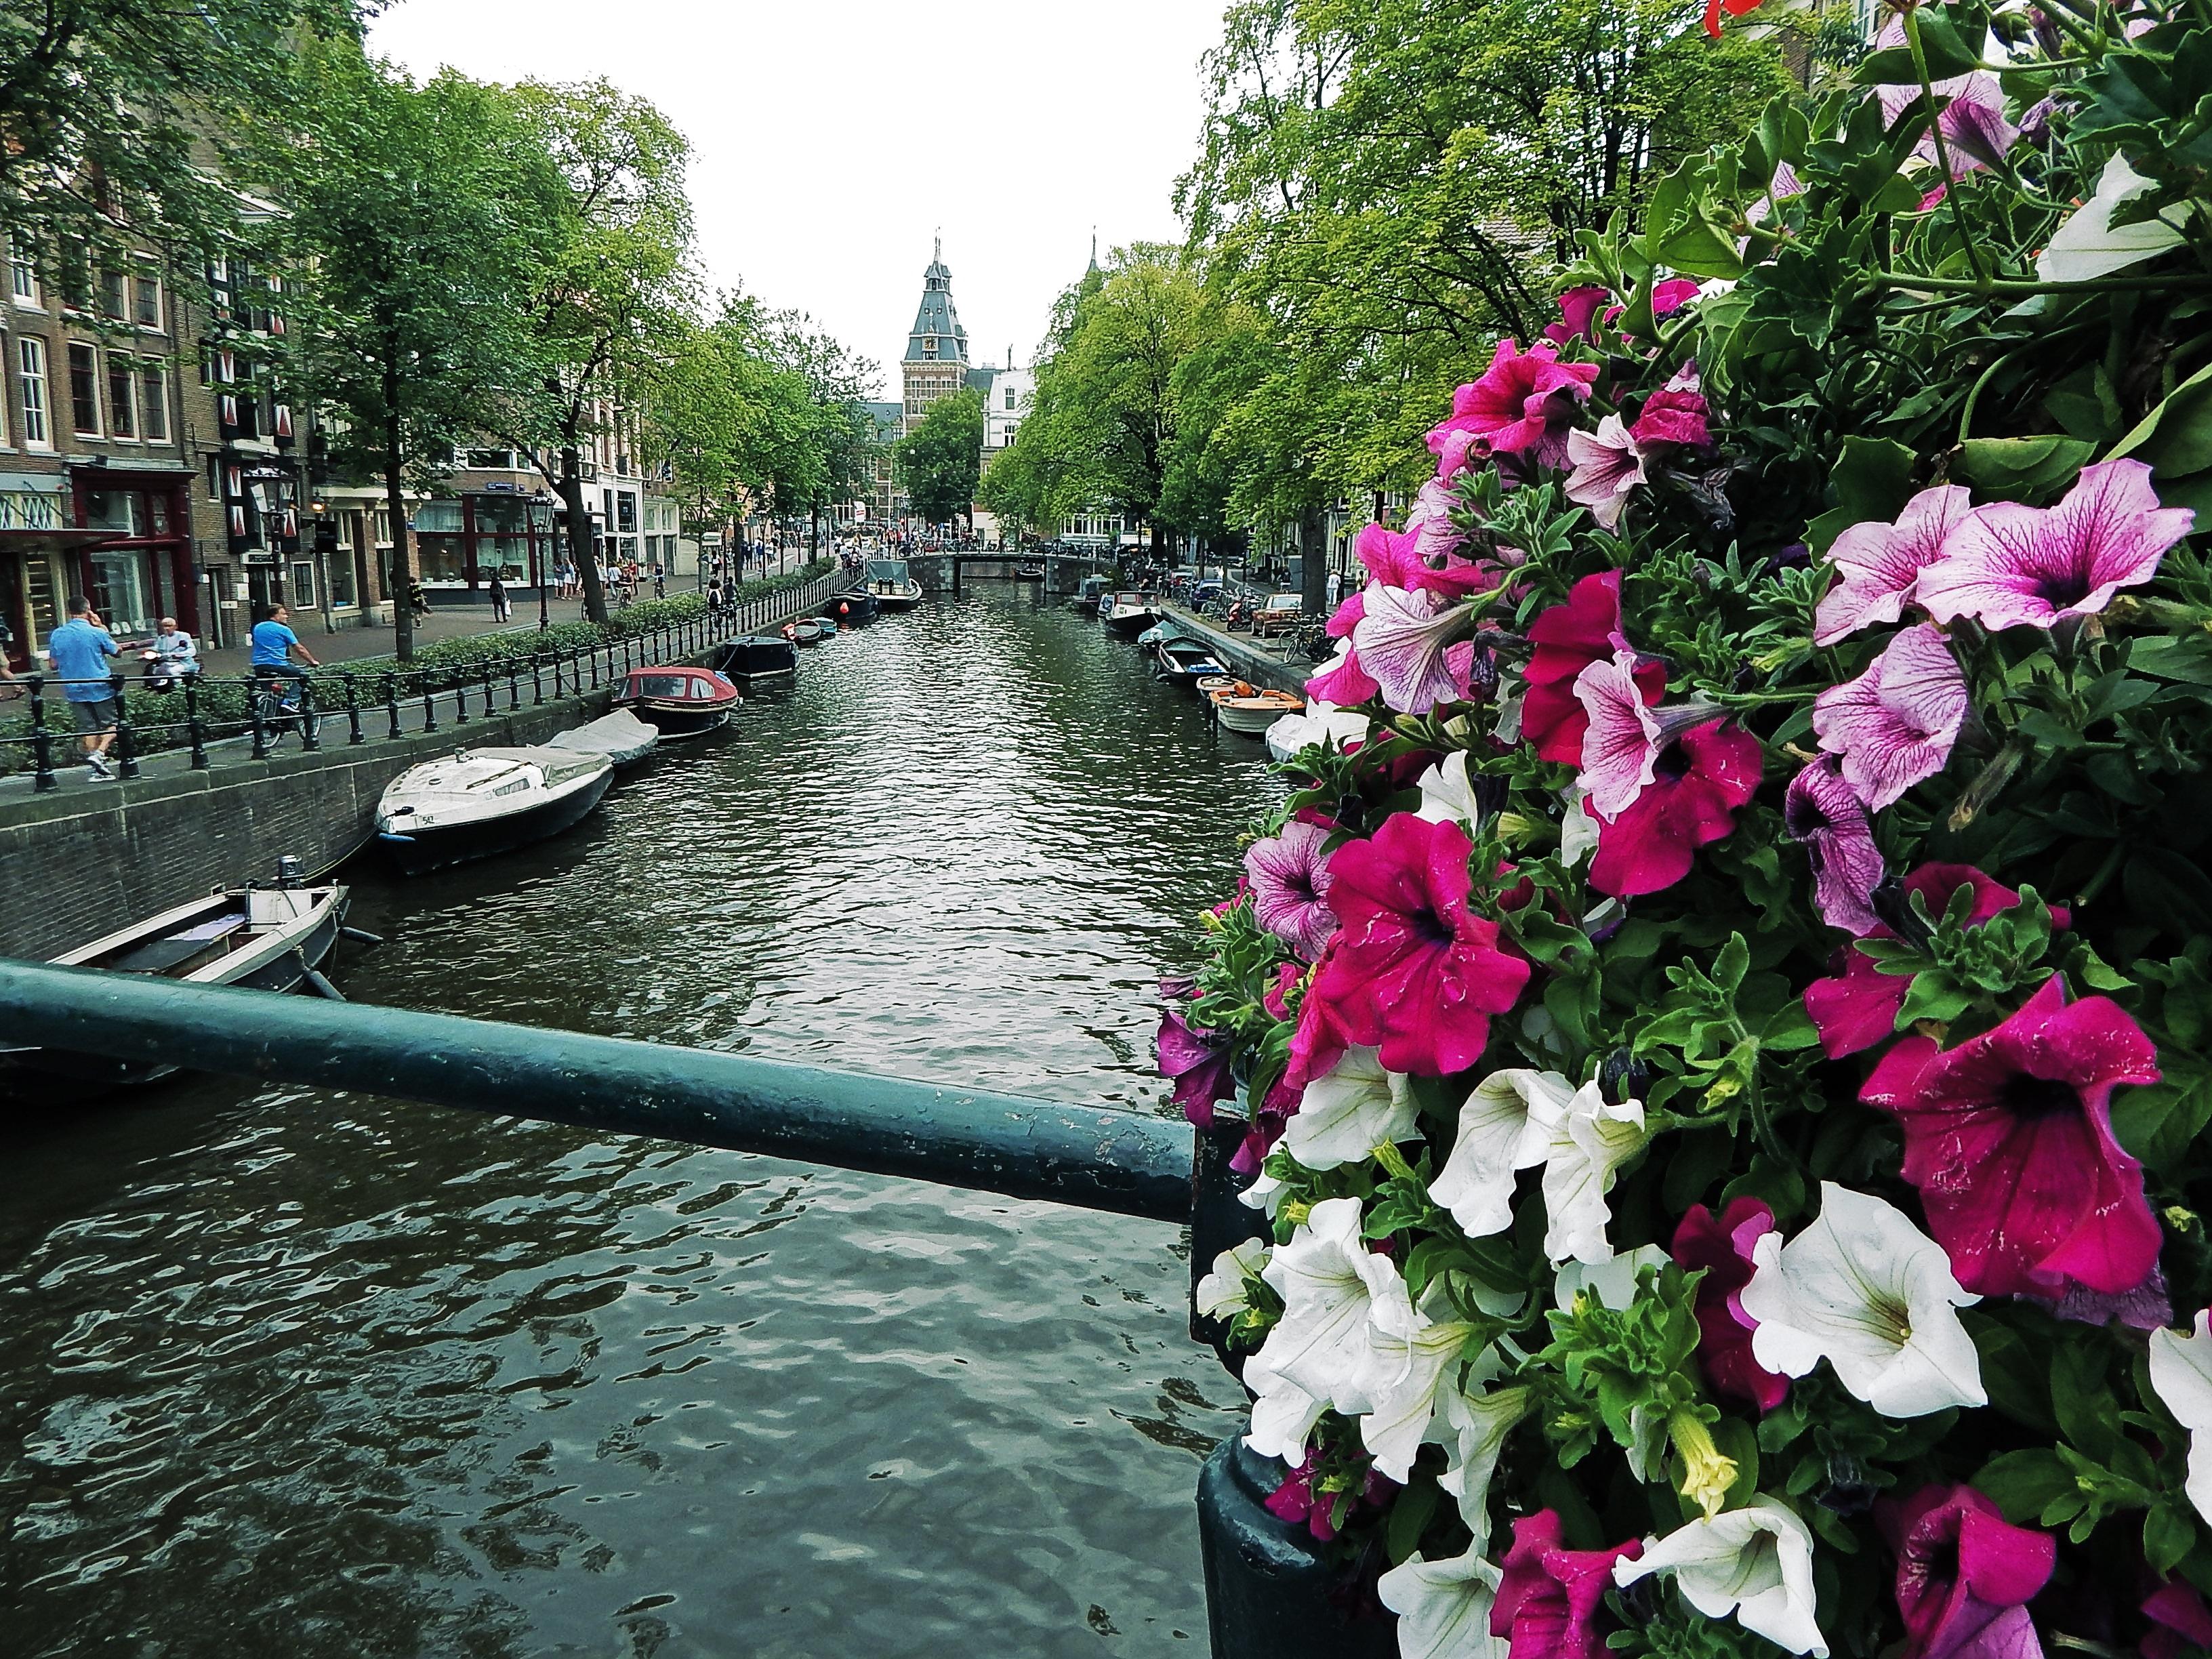 kostenlose foto pflanze blume kanal wasserweg blumen holland amsterdam niederlande. Black Bedroom Furniture Sets. Home Design Ideas